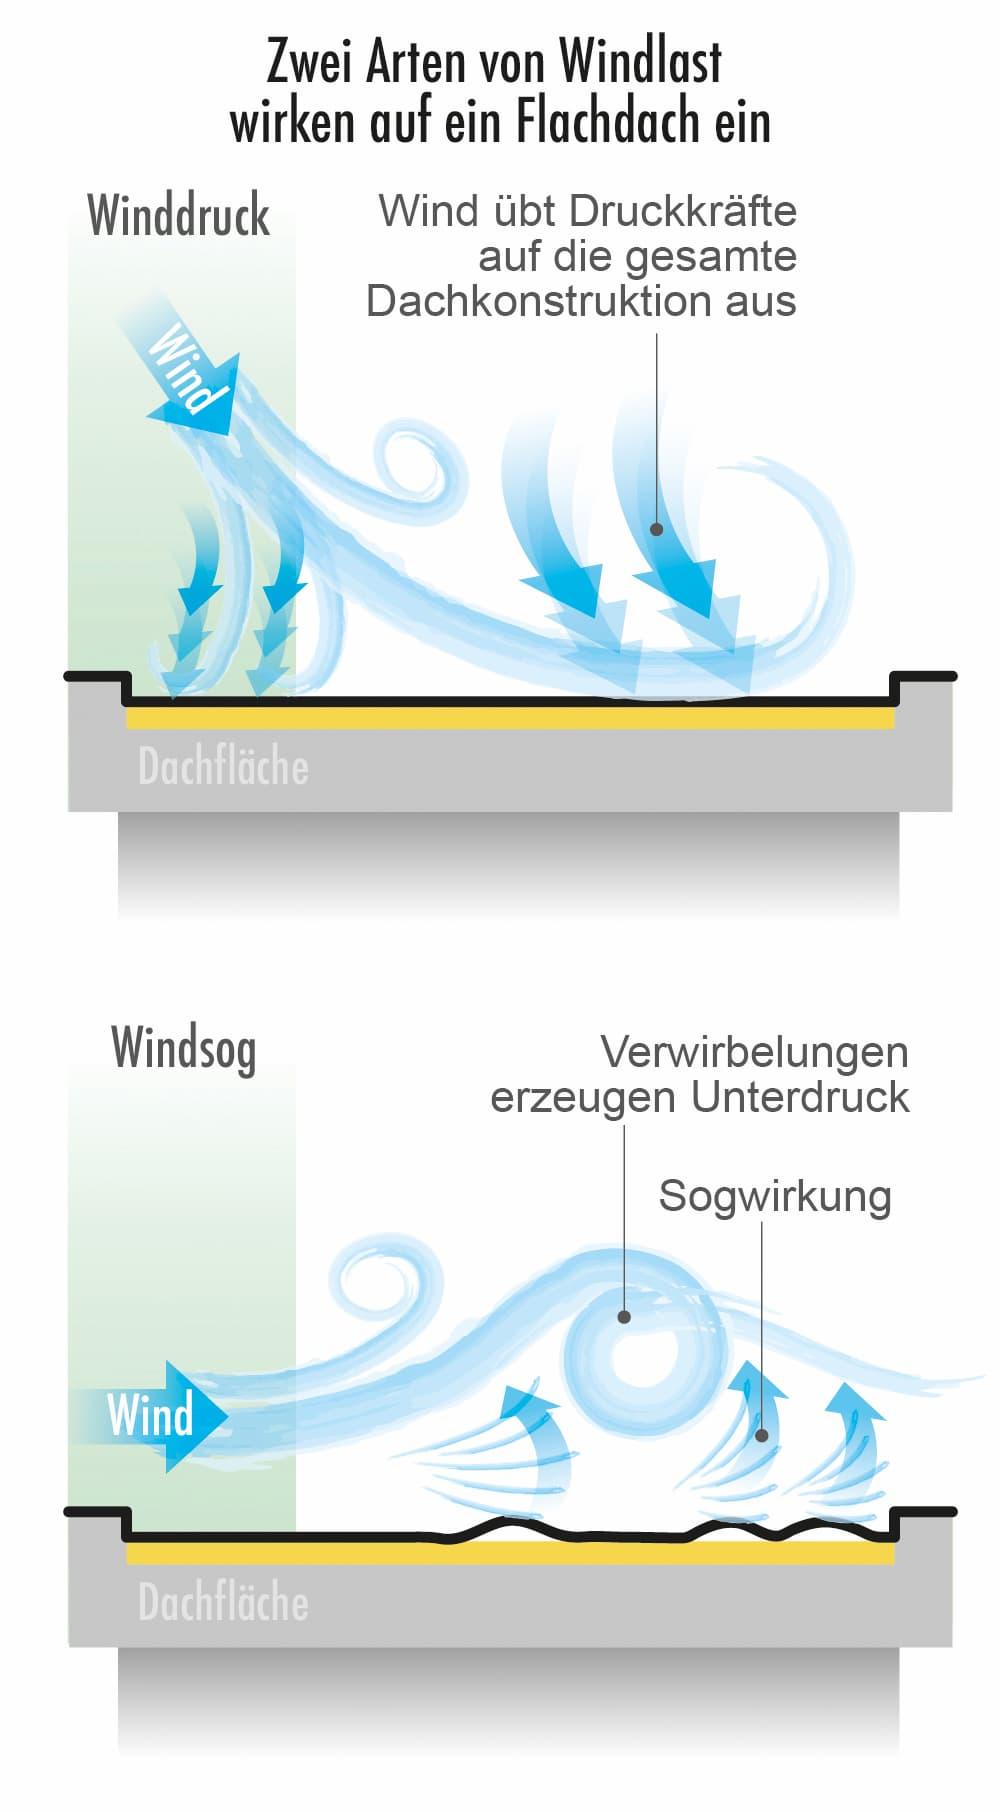 Zwei Arten von Windlast wirken auf ein Flachdach ein